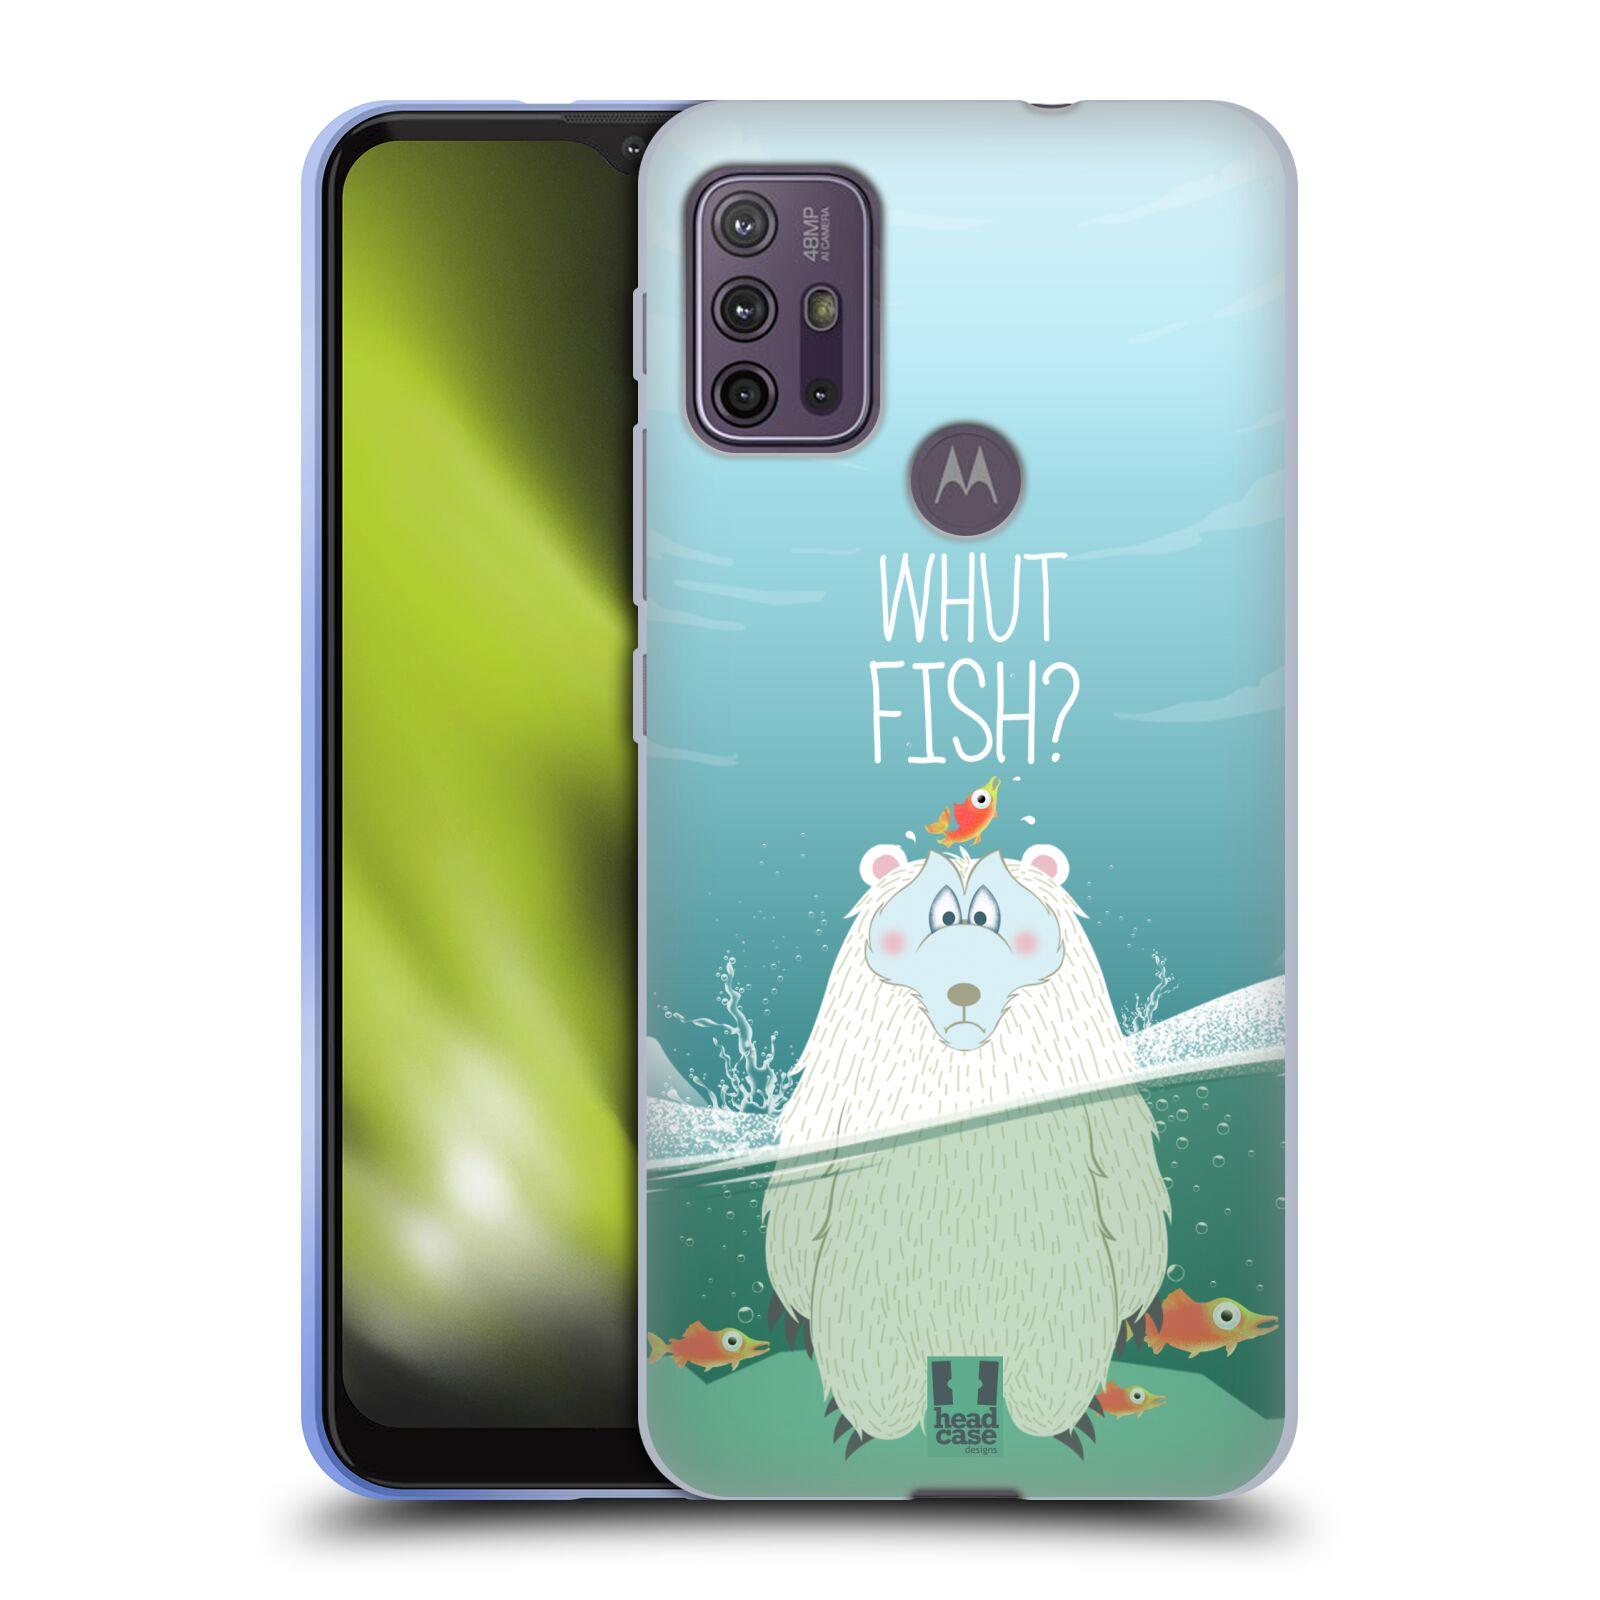 Silikonové pouzdro na mobil Motorola Moto G10 / G30 - Head Case - Medvěd Whut Fish?